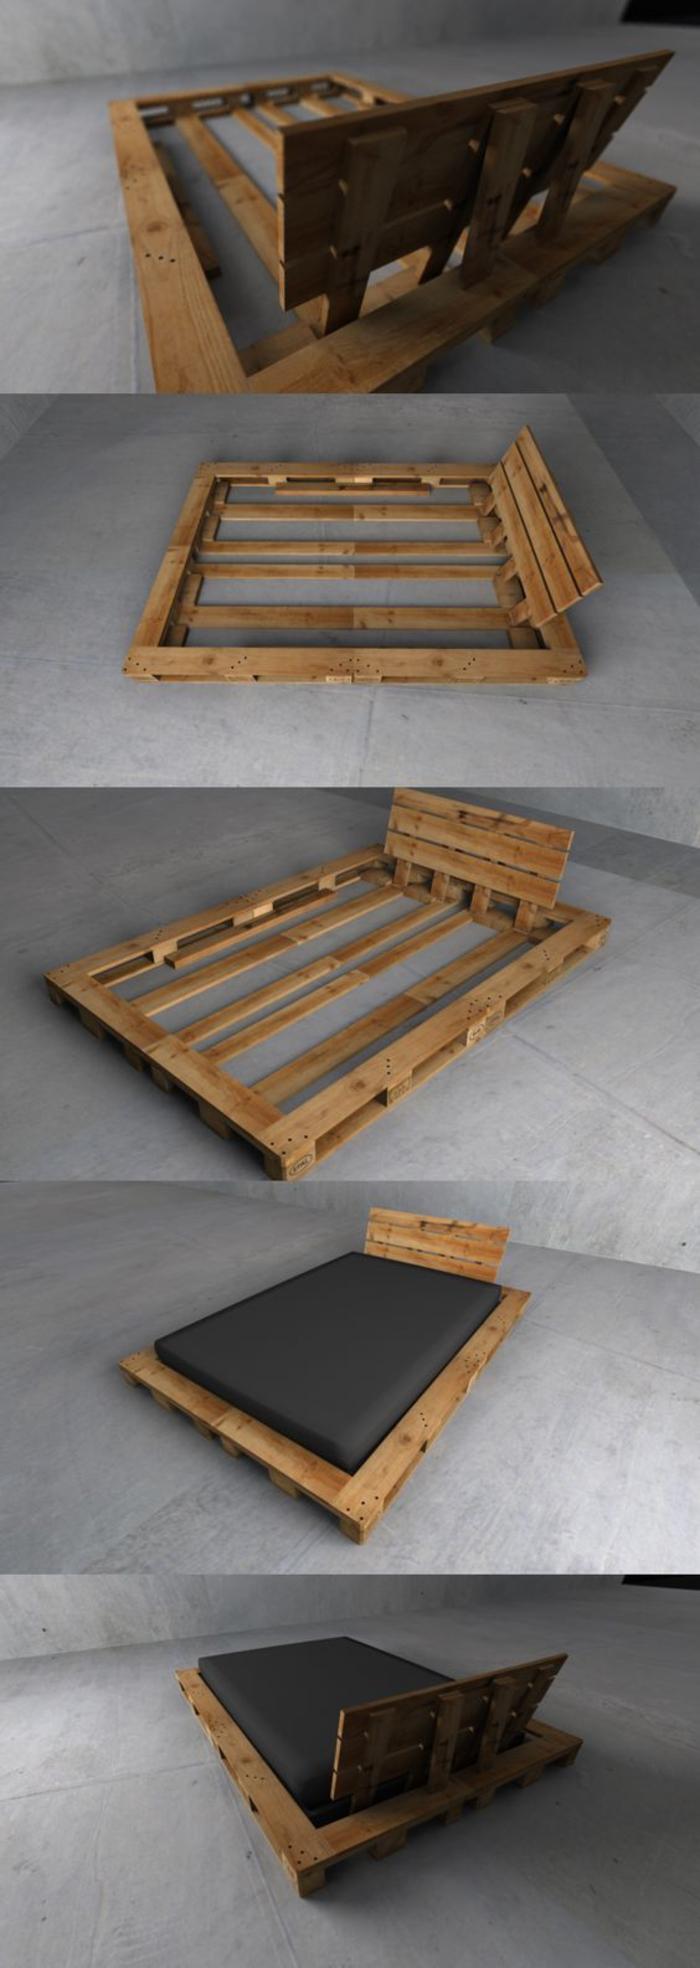 fabriquer un lit avec des palettes, étapes à suivre, construction lit en bois